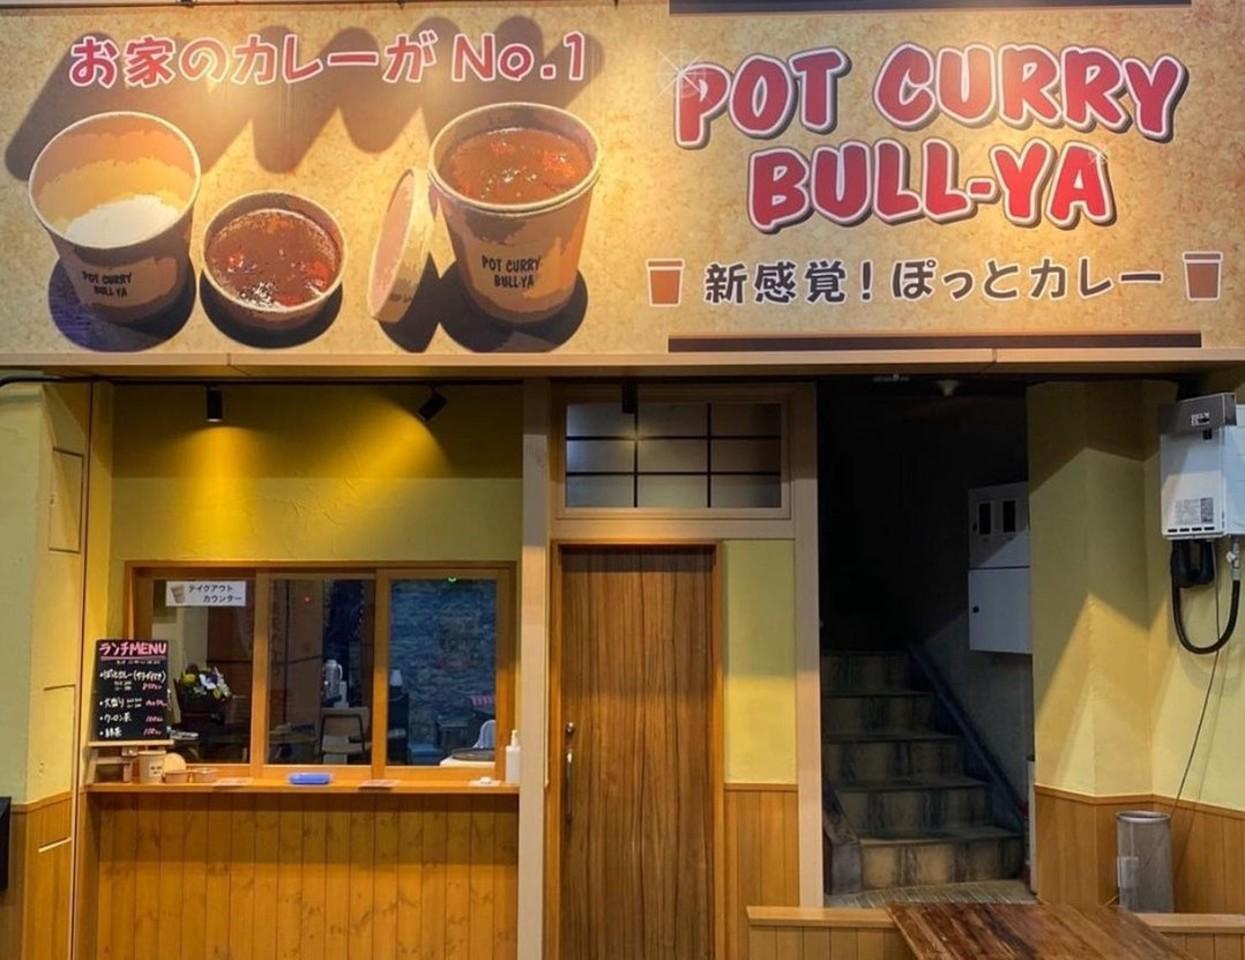 広島市中区大手町5丁目に「ぽっとカレー・ブルヤ」が1/8オープンされたようです。